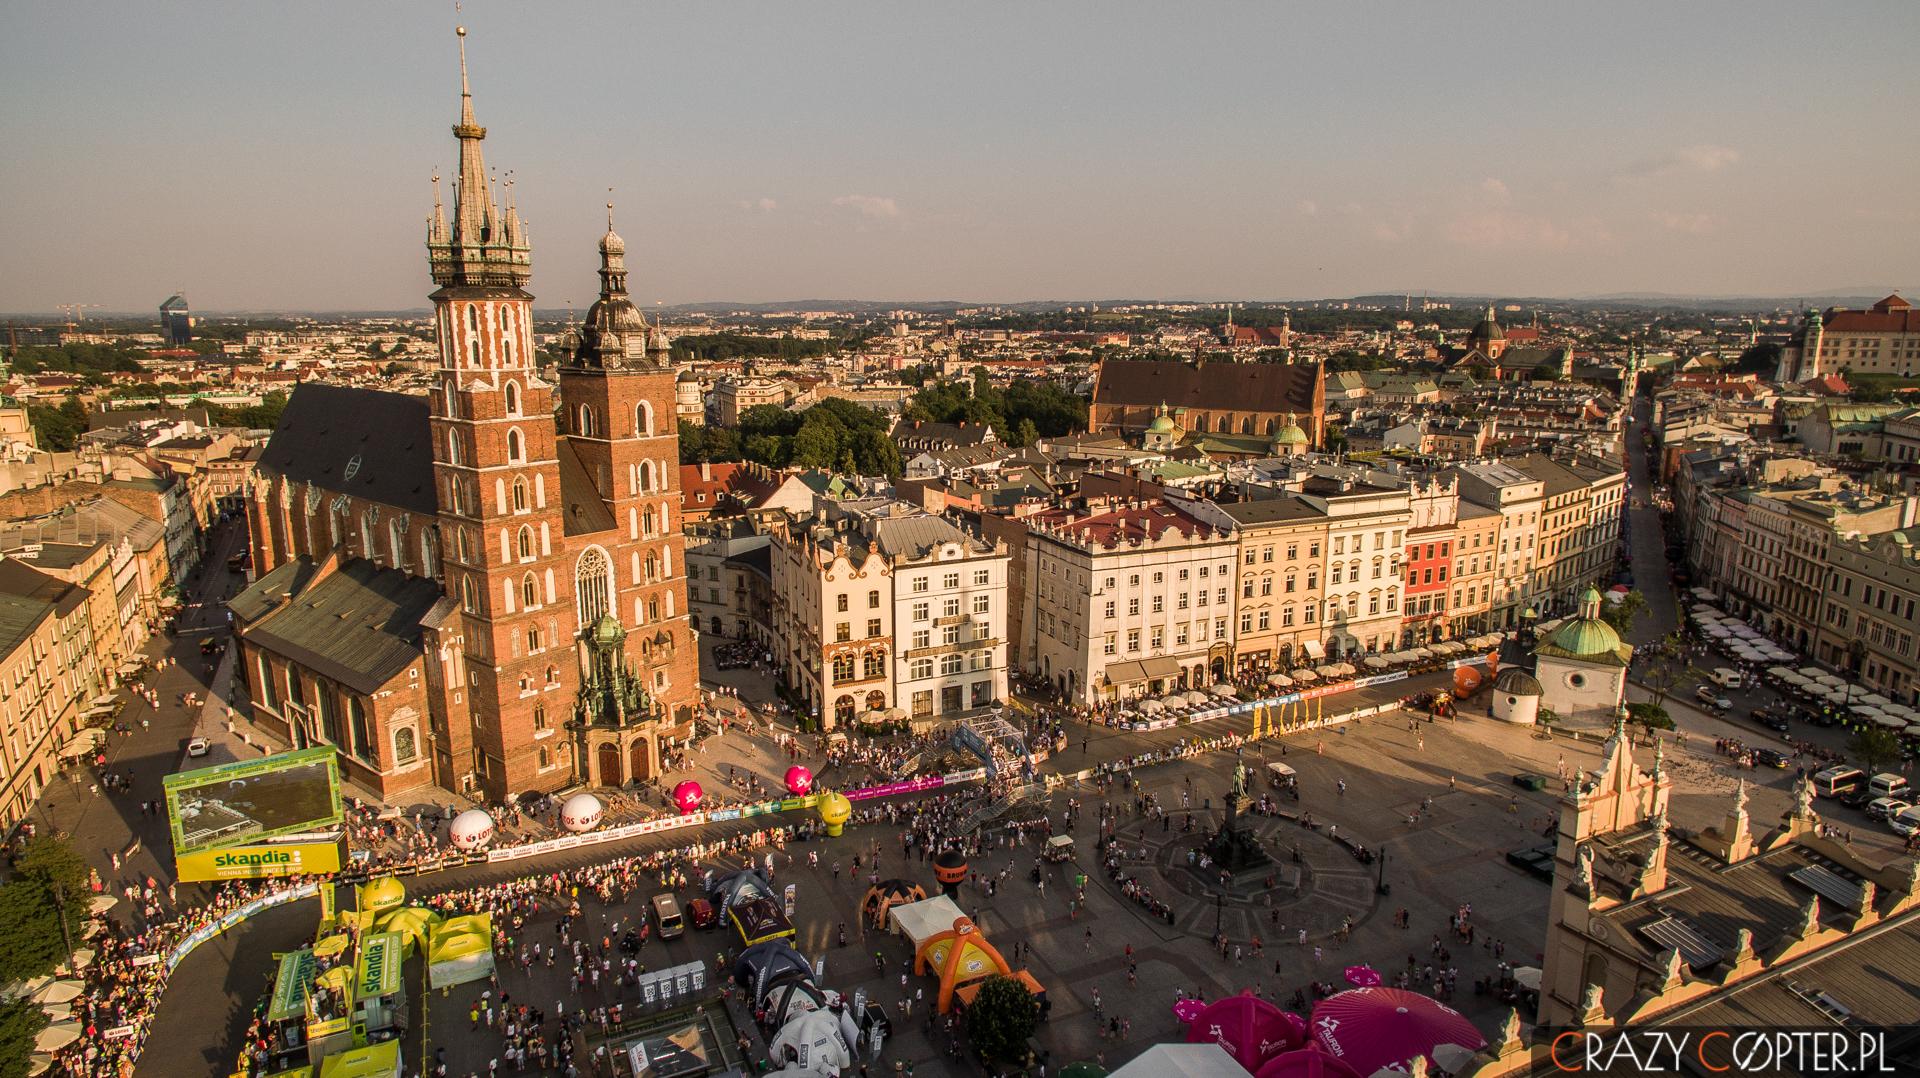 Rynek w Krakowie z drona - finał Tour de Pologne 2015